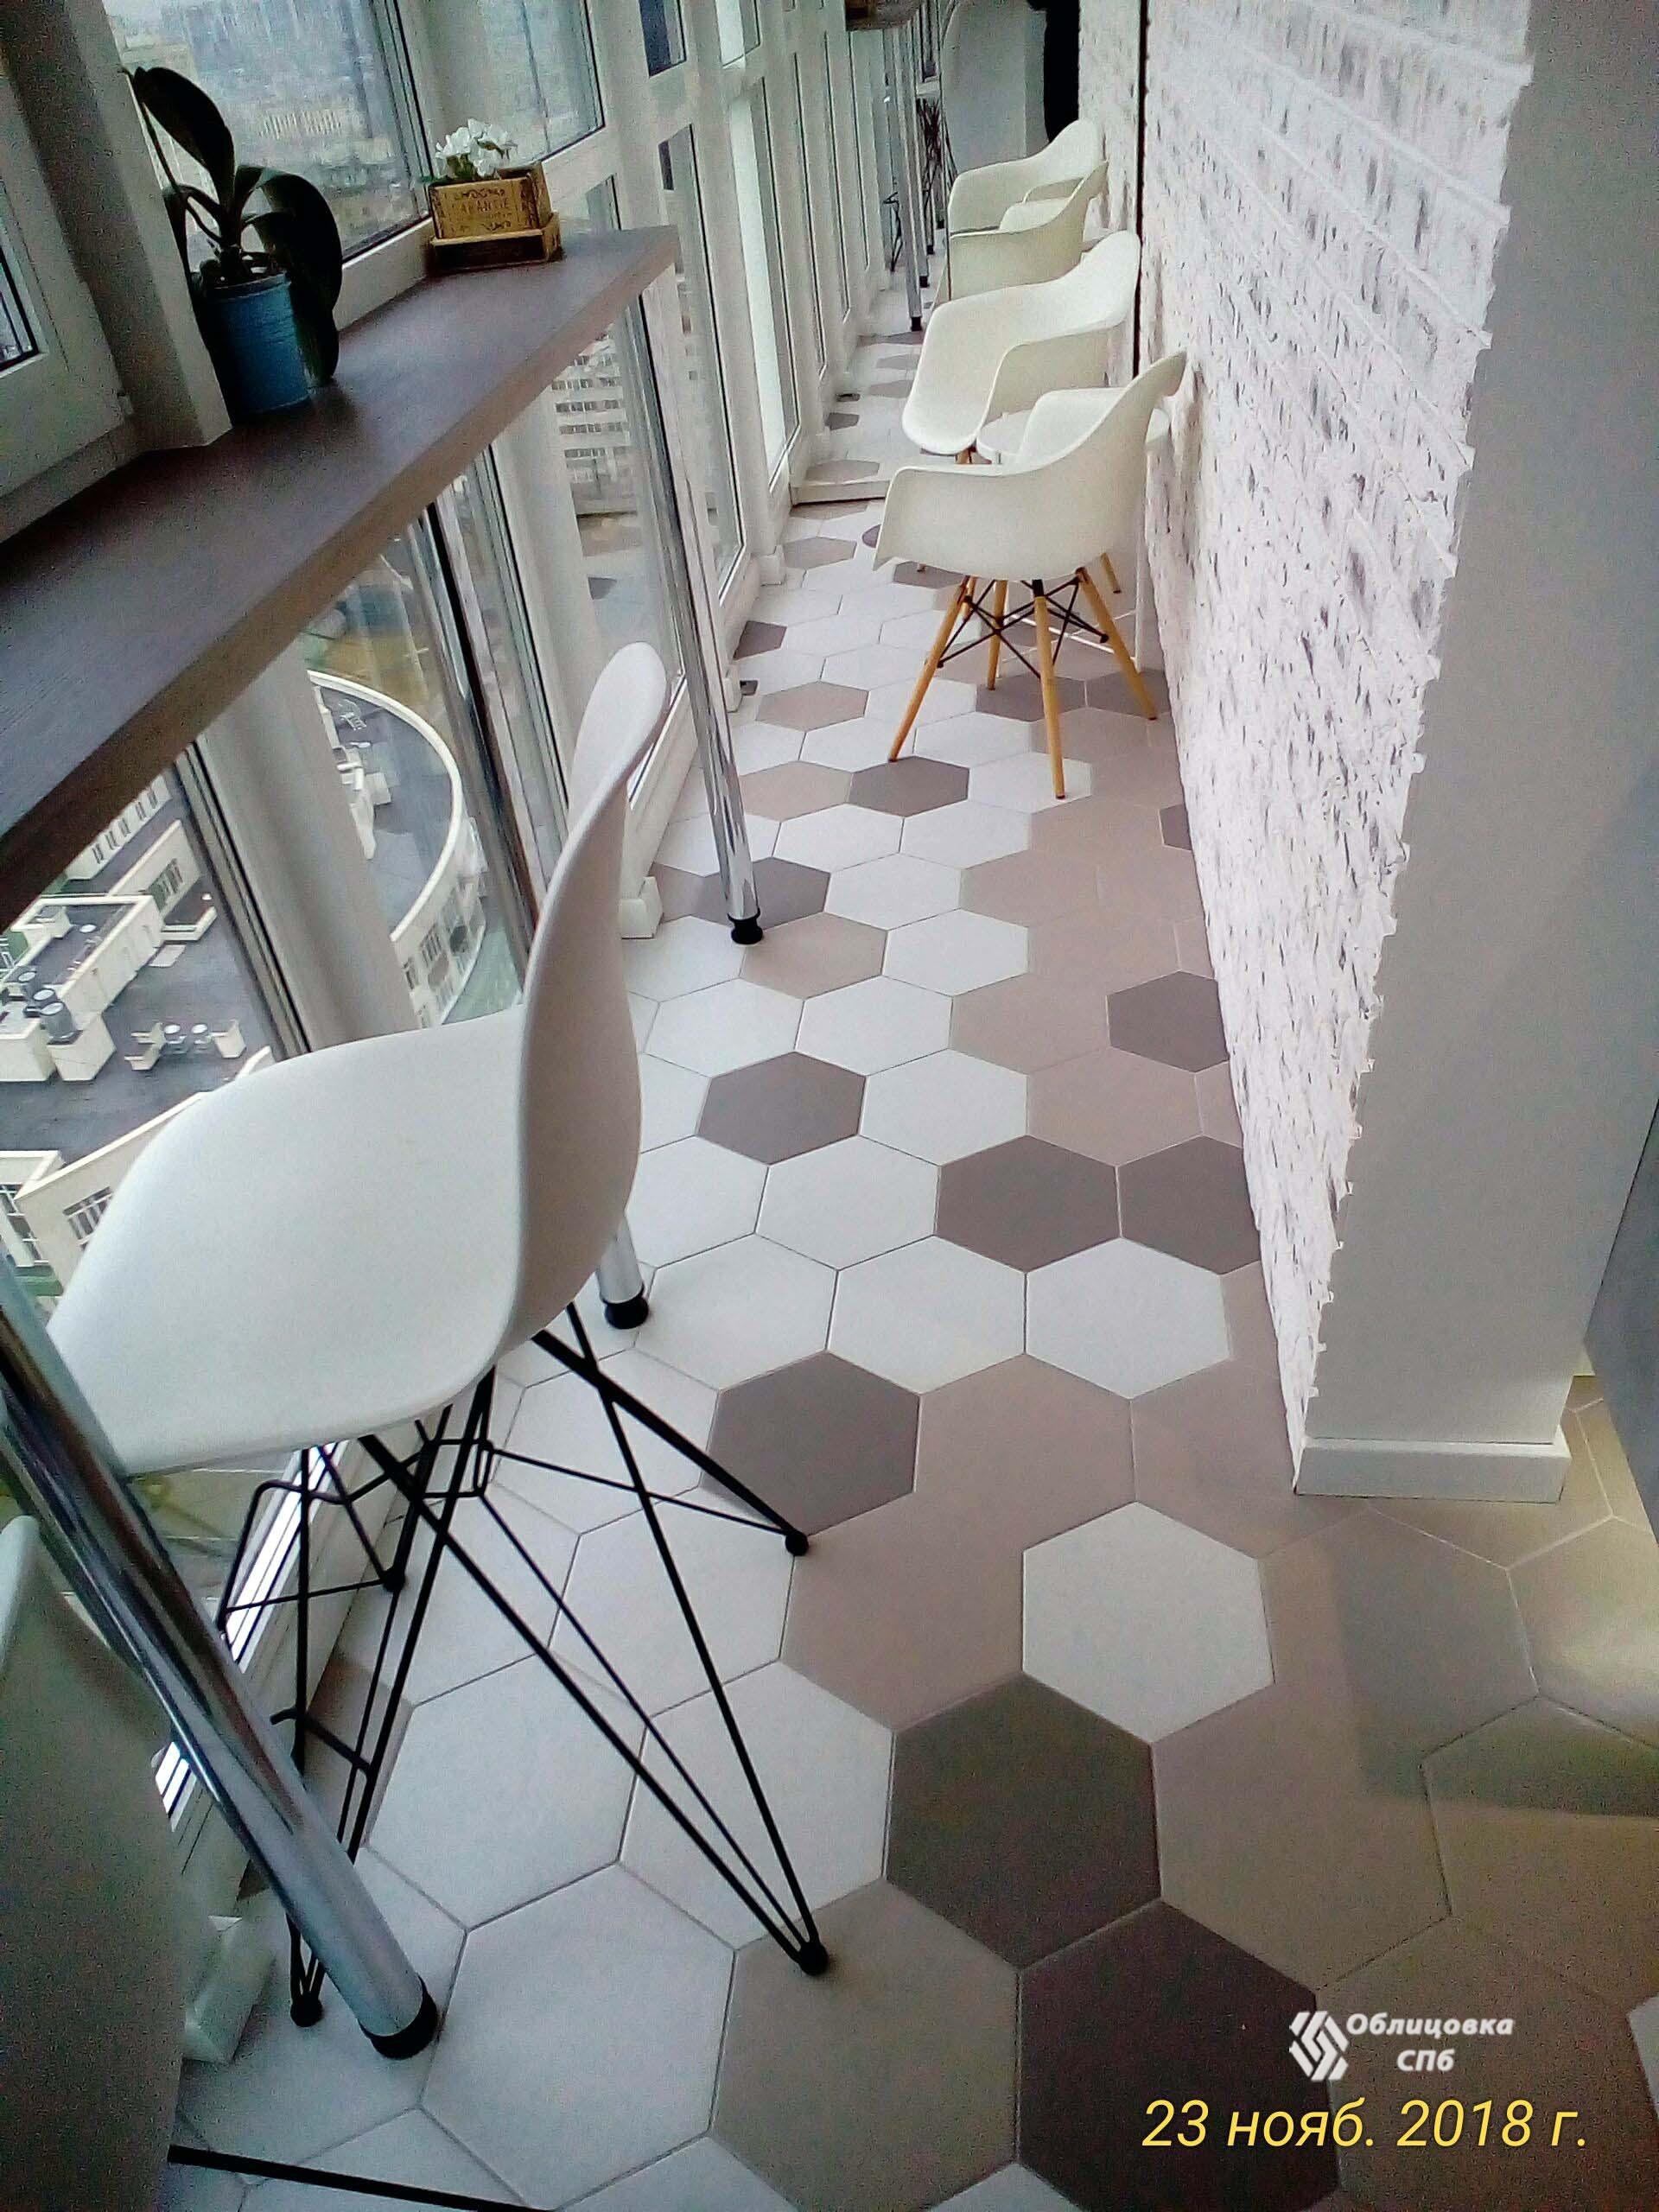 Облицовка пола кухни и лоджии плиткой шестигранной формы